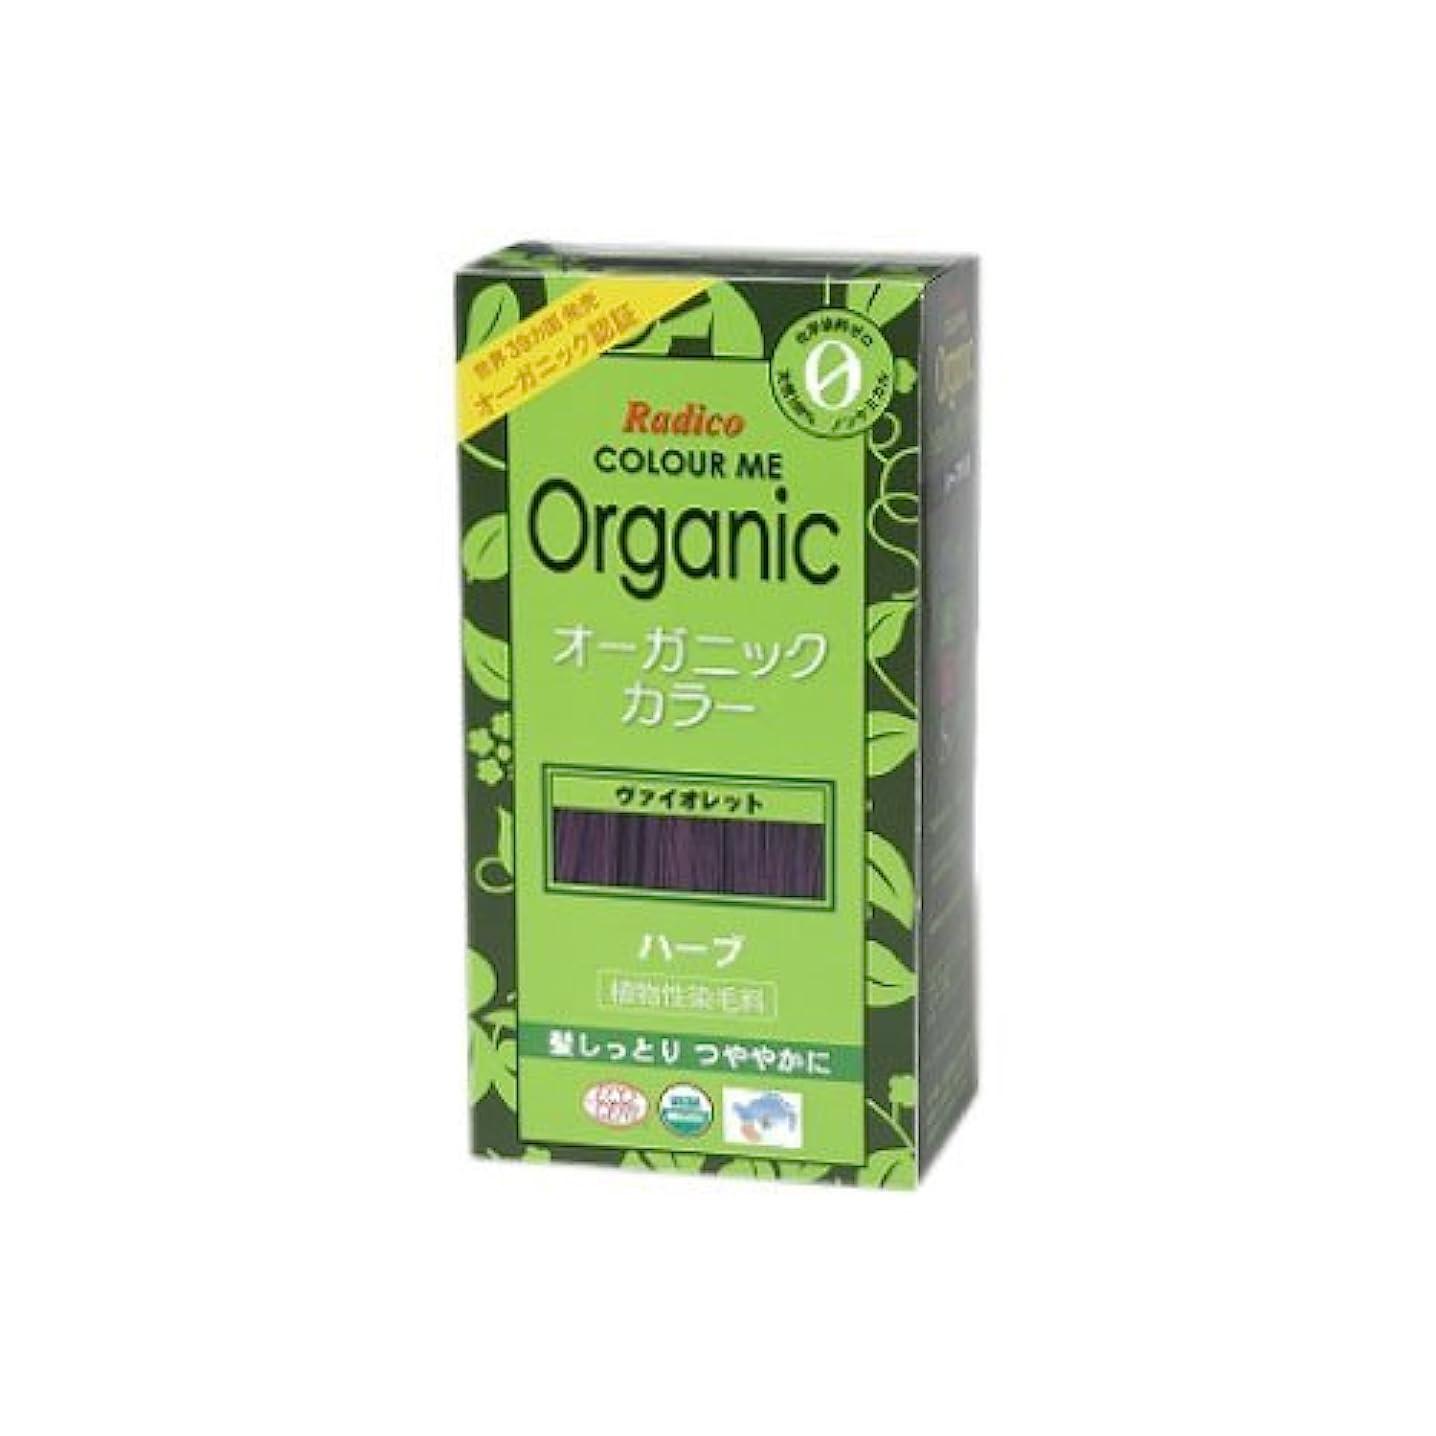 ブラウス非互換令状COLOURME Organic (カラーミーオーガニック ヘナ 白髪用 紫色) ヴァイオレット 100g